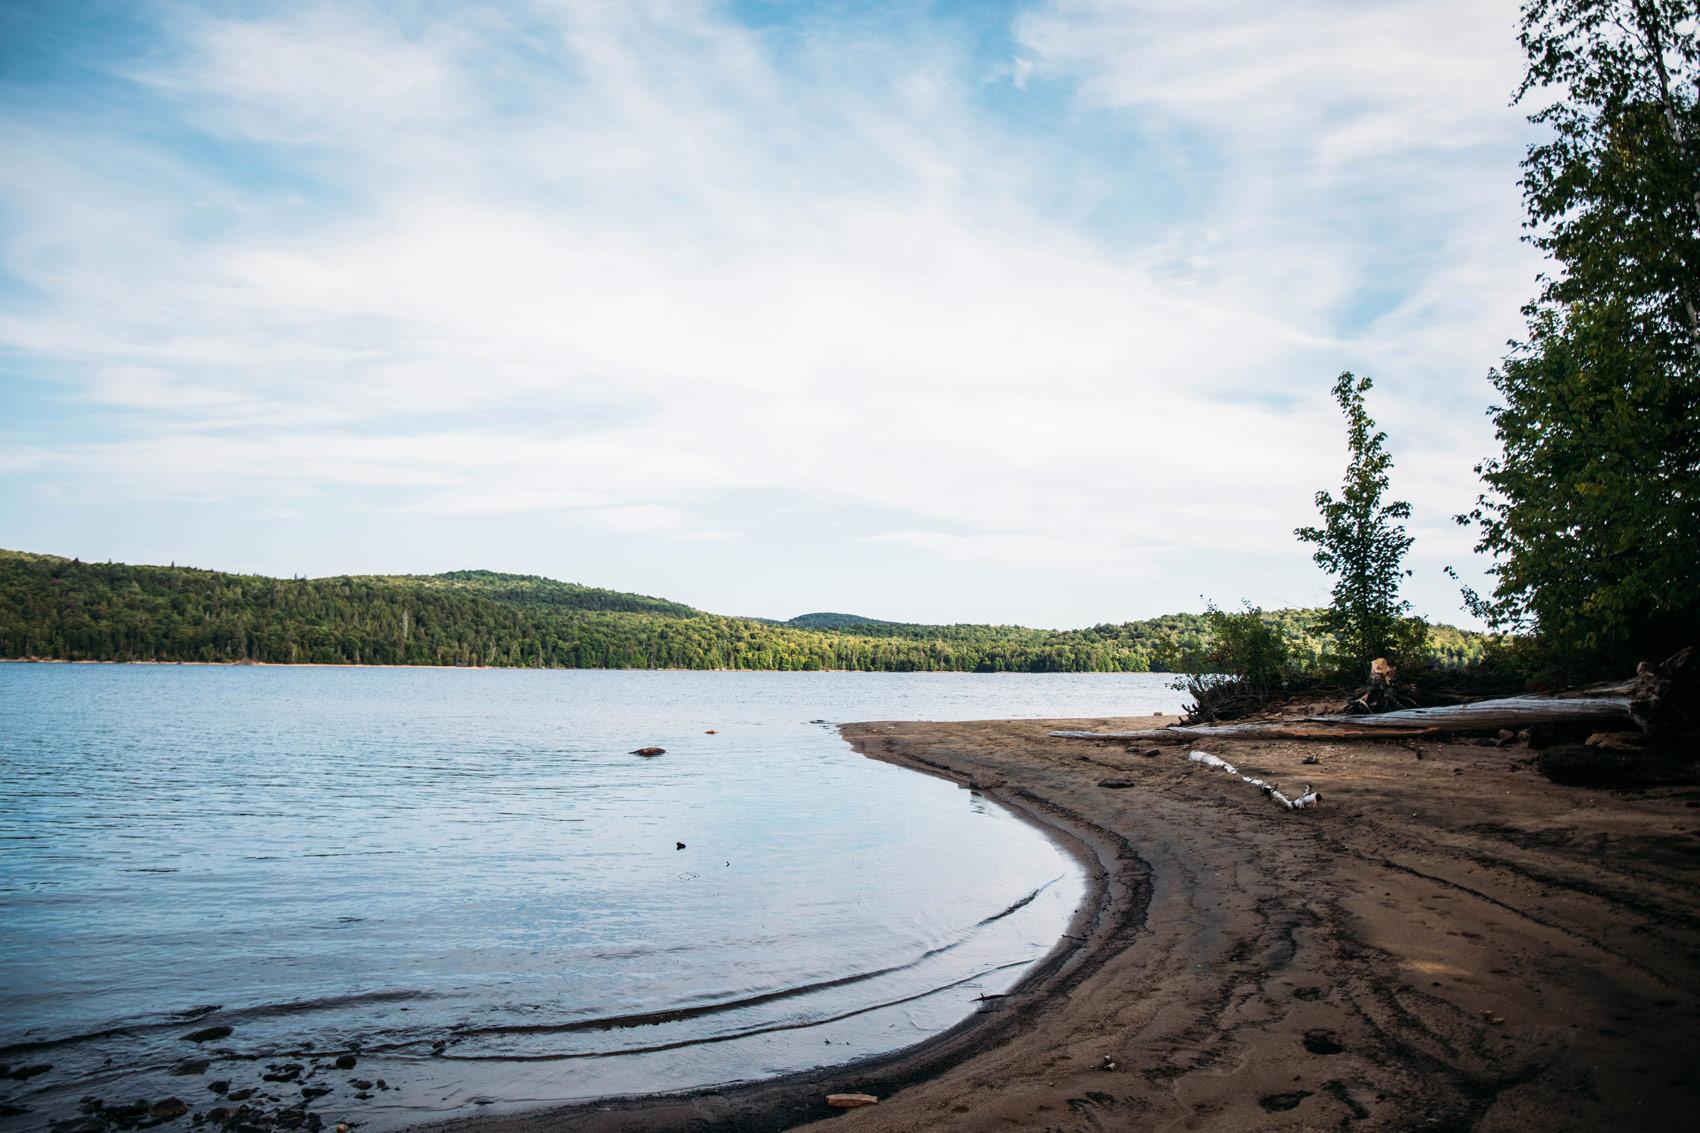 visiter le parc régional Kiamika au Québec